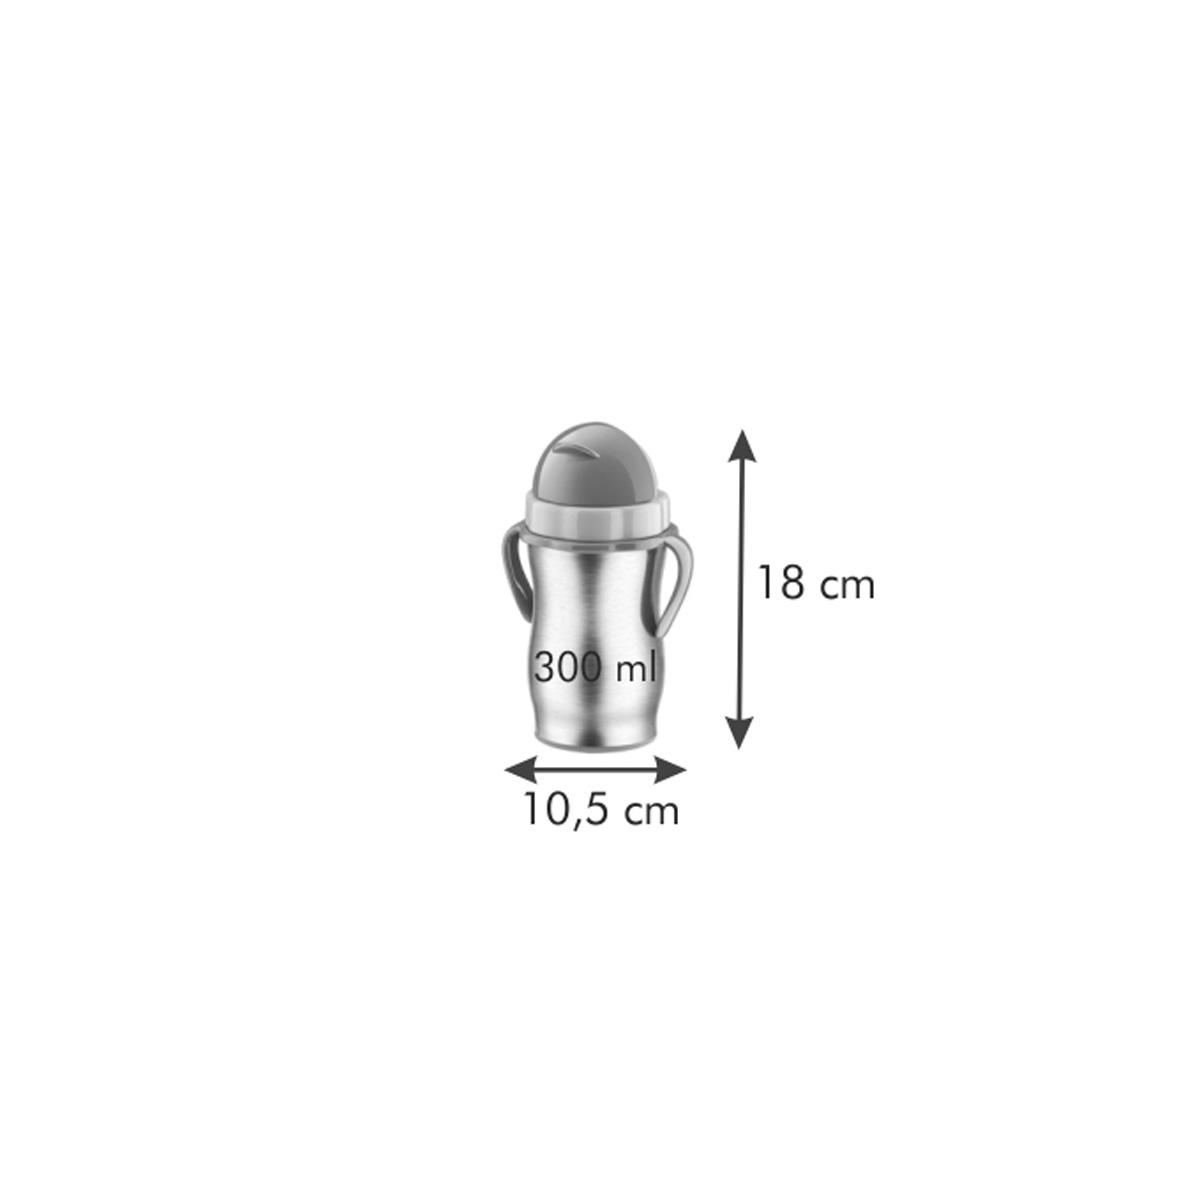 Dětská termoska s brčkem BAMBINI 300 ml, nerez